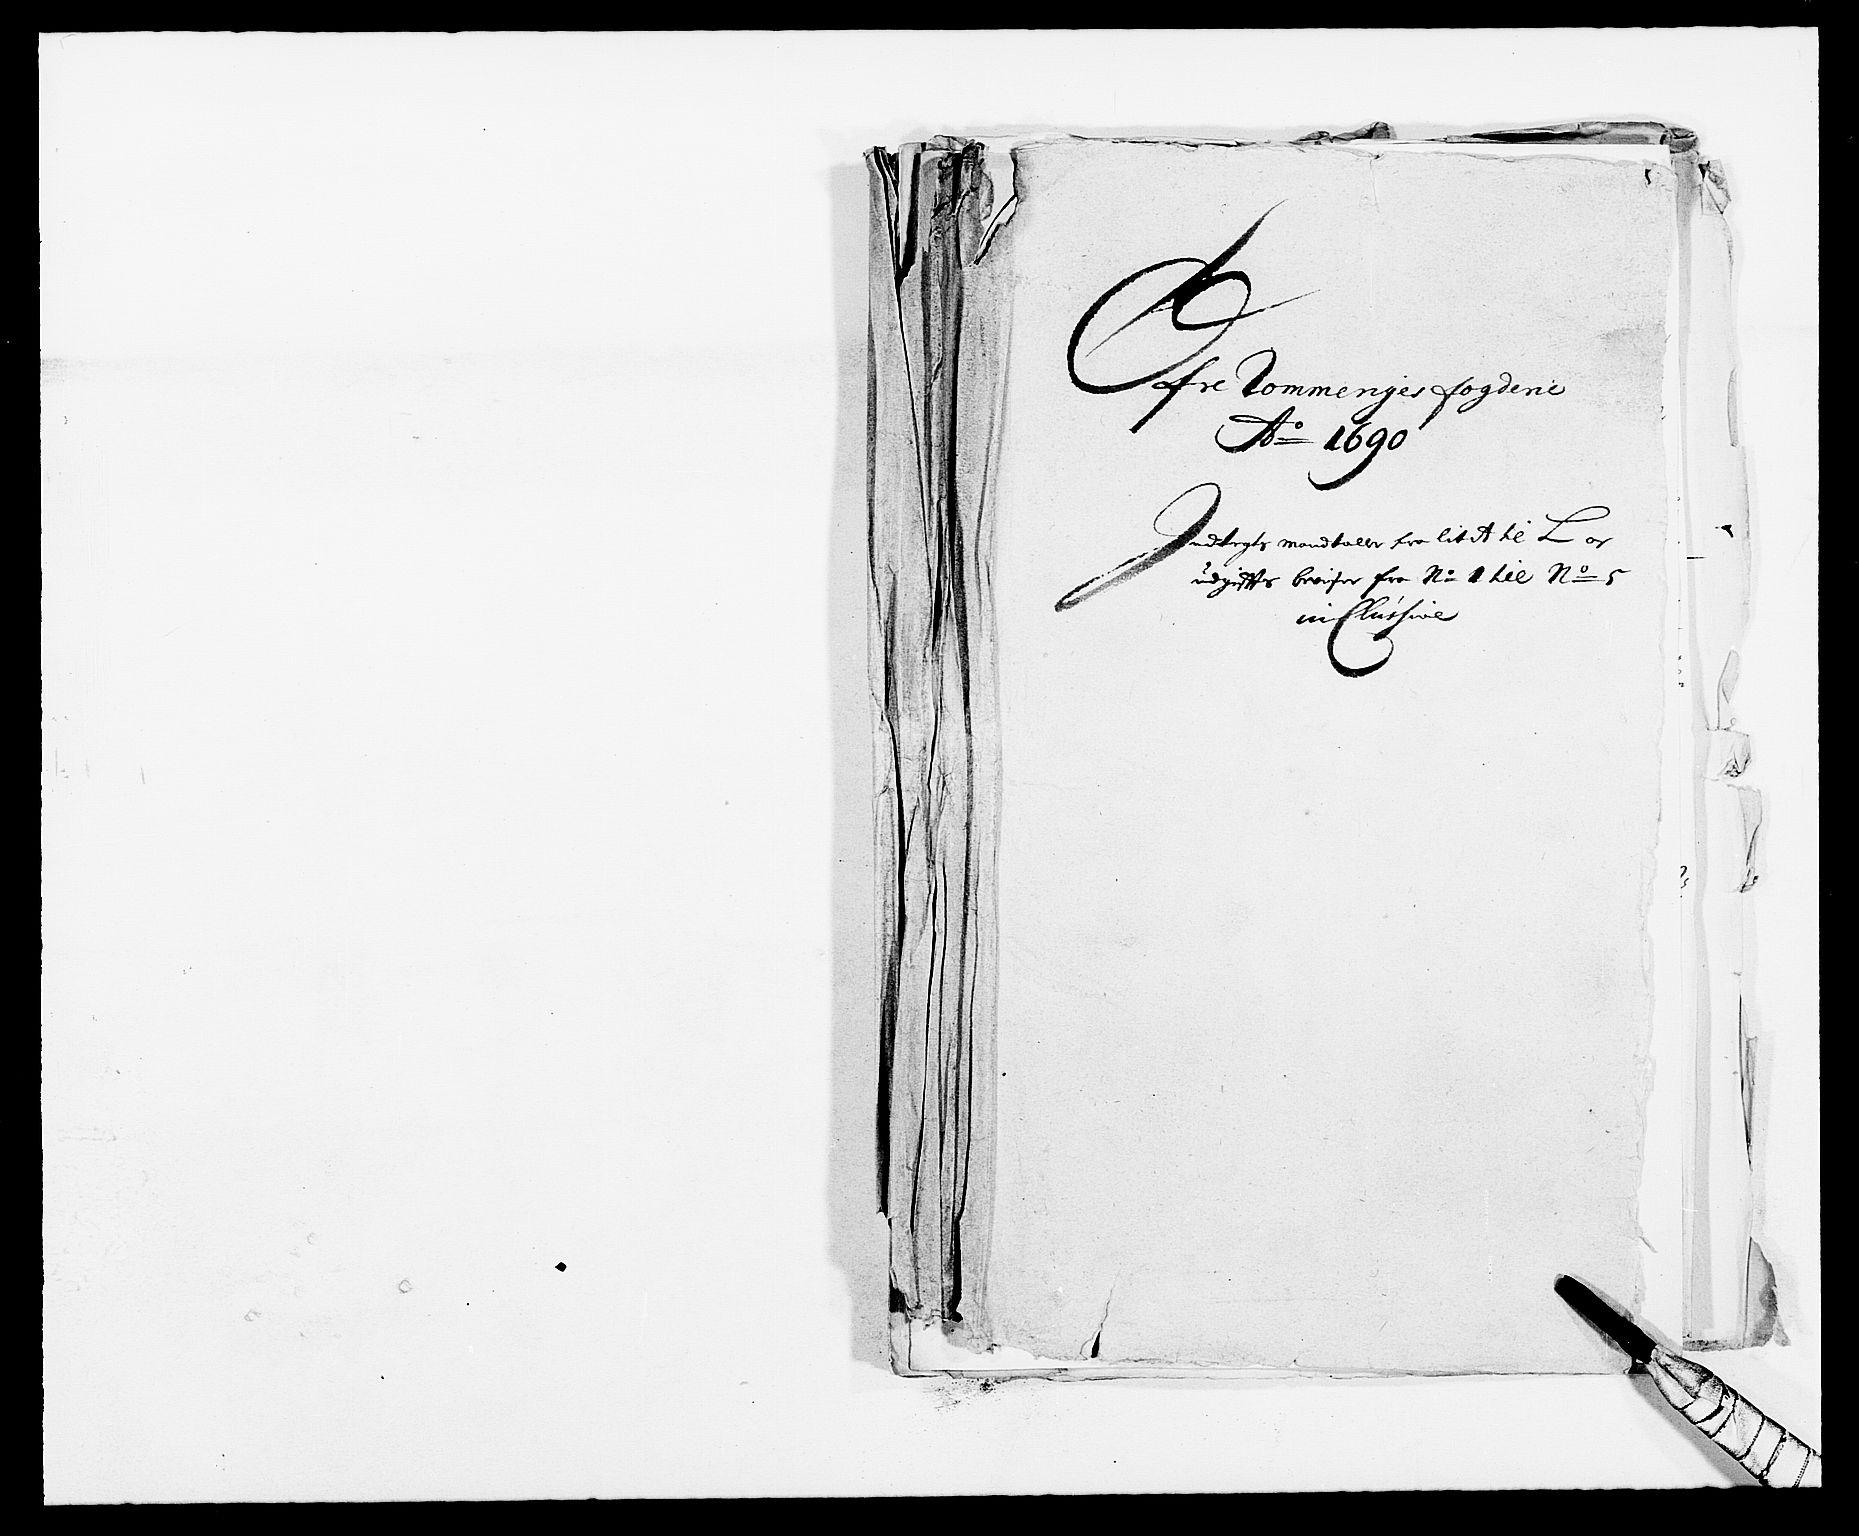 RA, Rentekammeret inntil 1814, Reviderte regnskaper, Fogderegnskap, R12/L0702: Fogderegnskap Øvre Romerike, 1690, s. 222